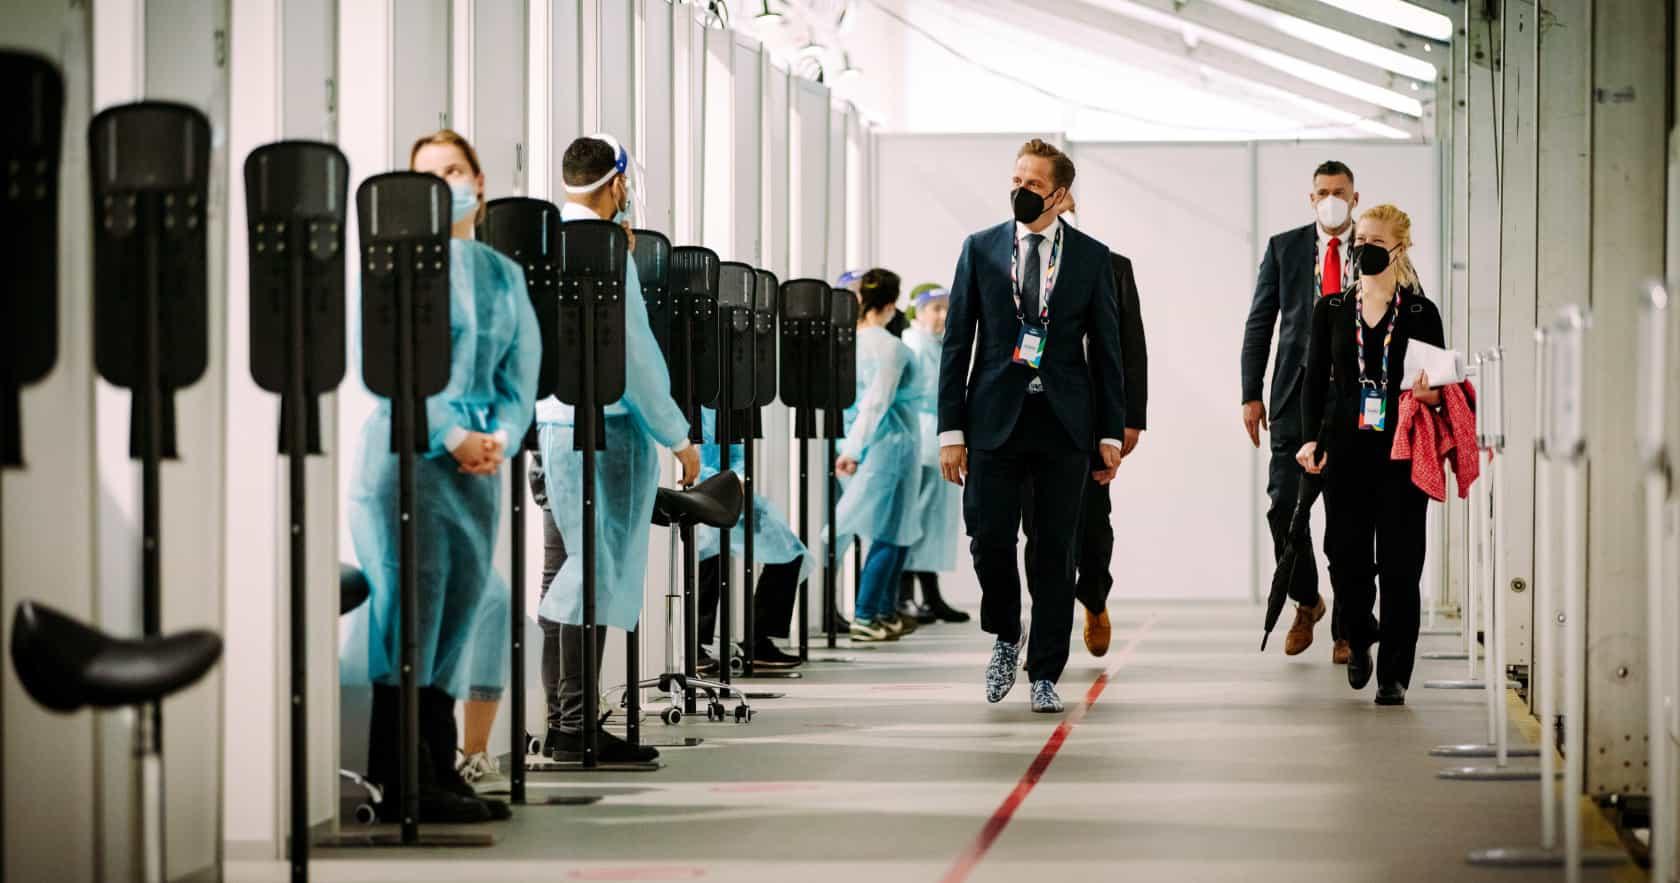 padiglione tamponi eurovision 2021